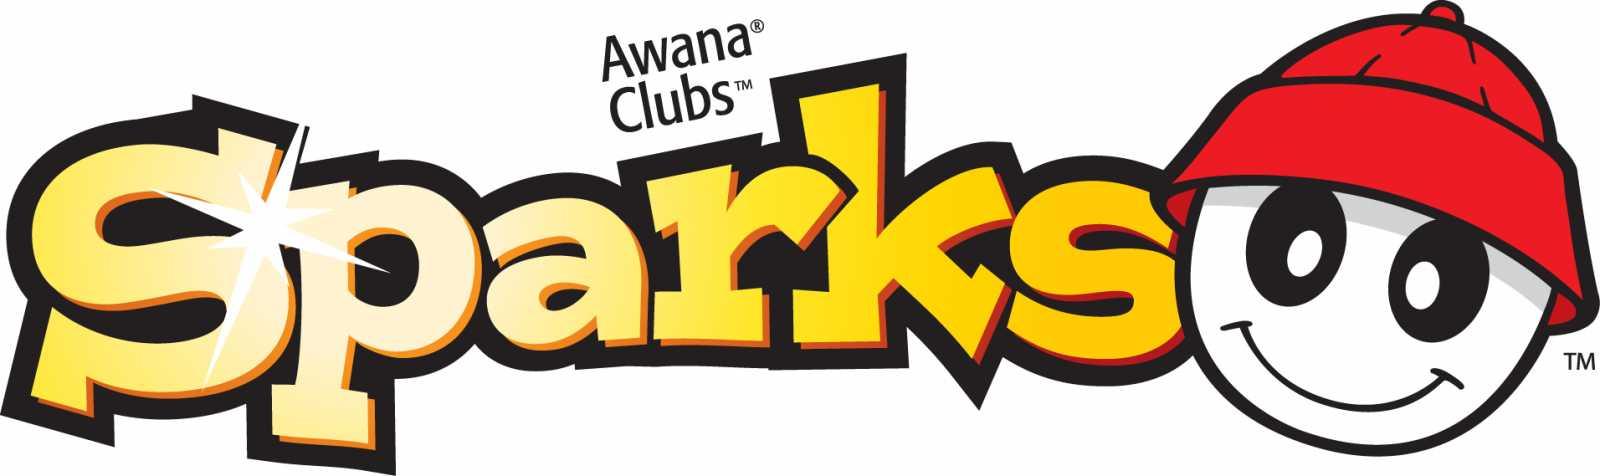 Awana sparks clipart.